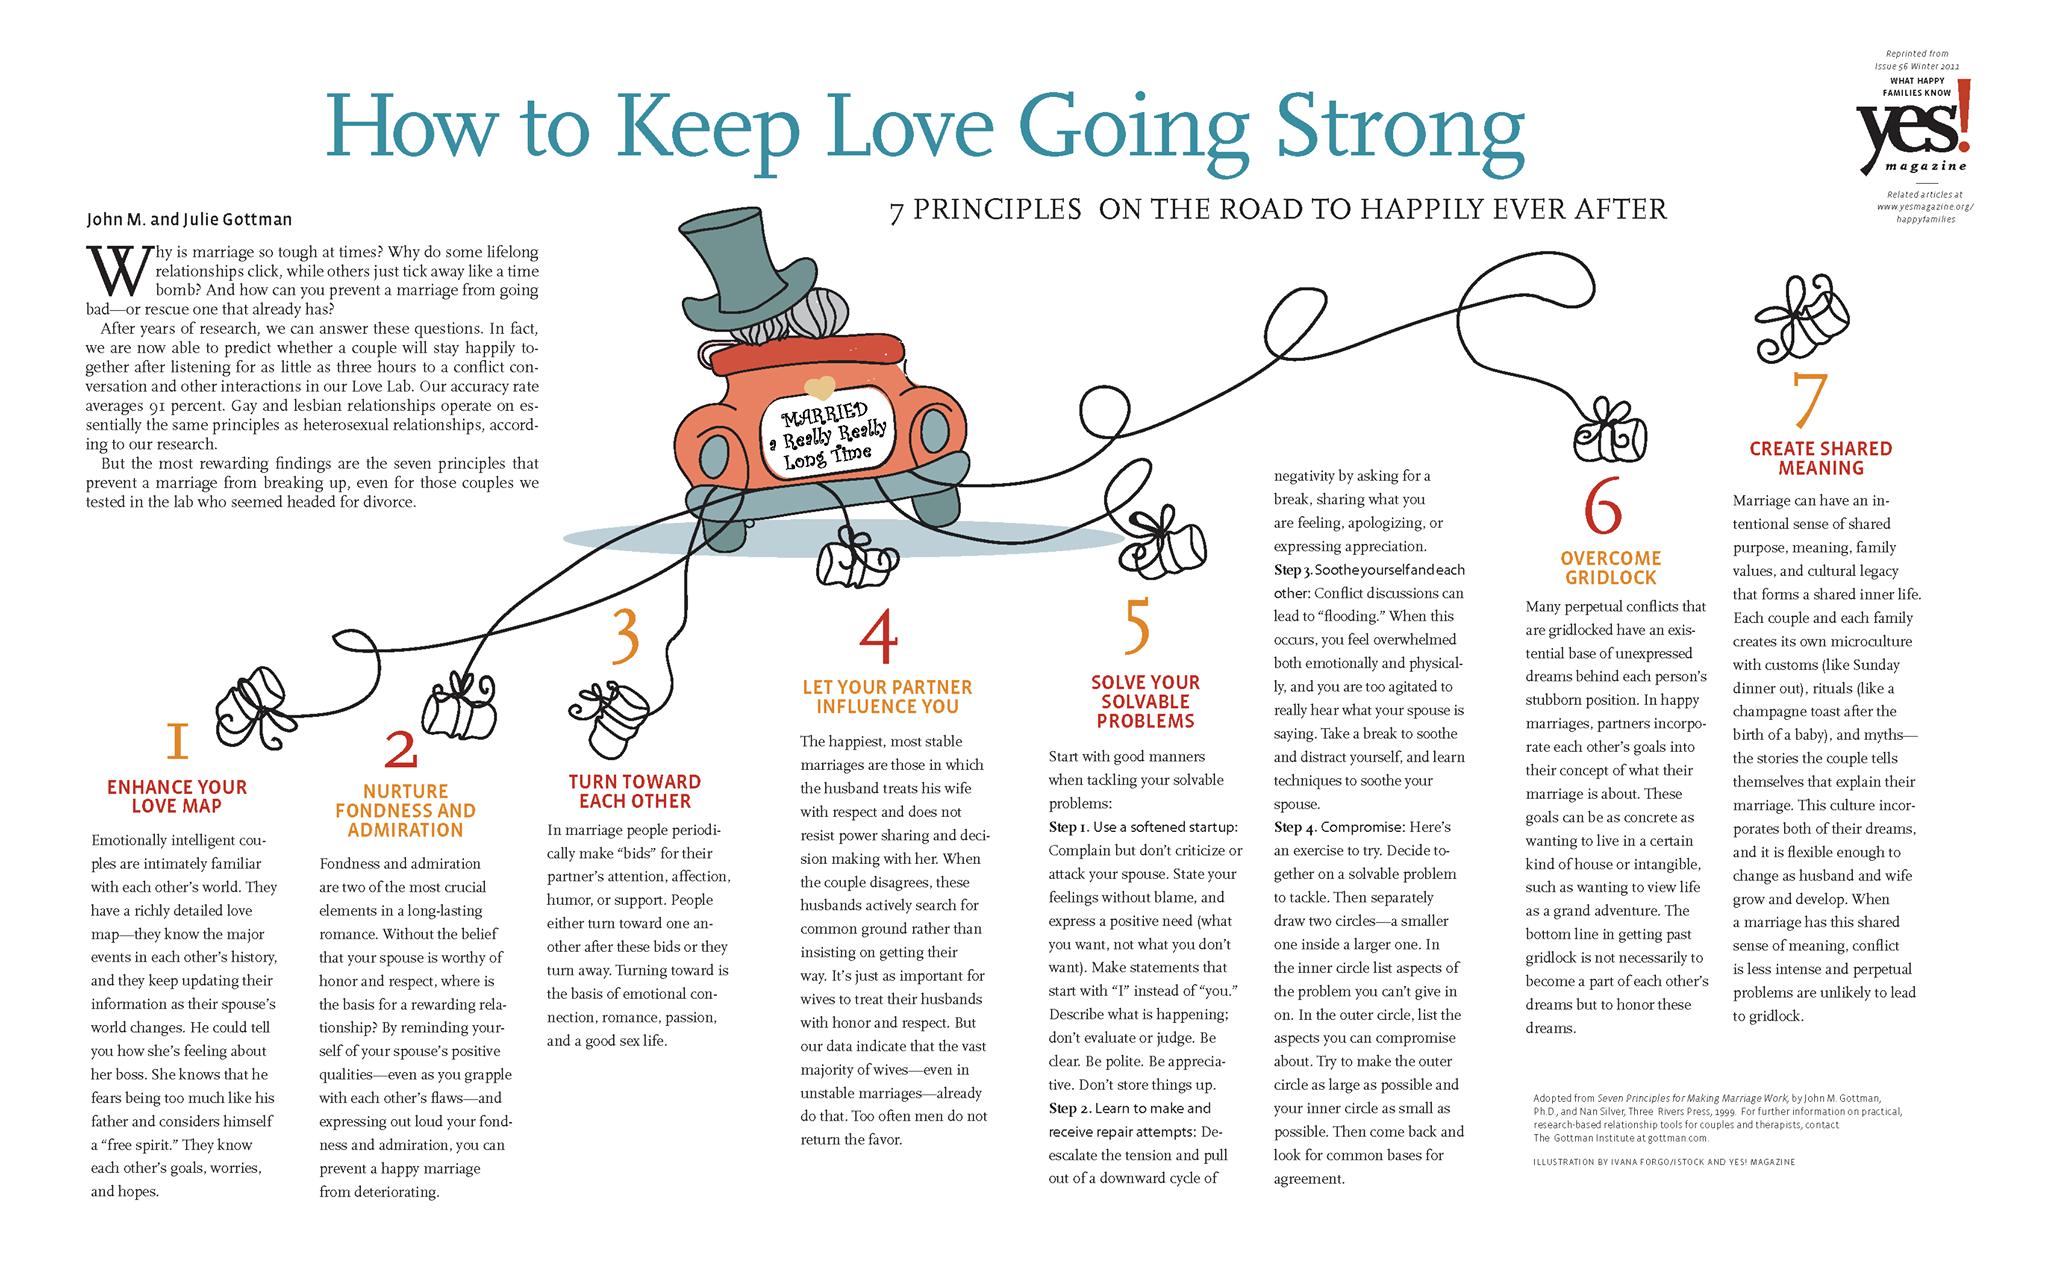 How To Keep Love Going Strong John Gottman